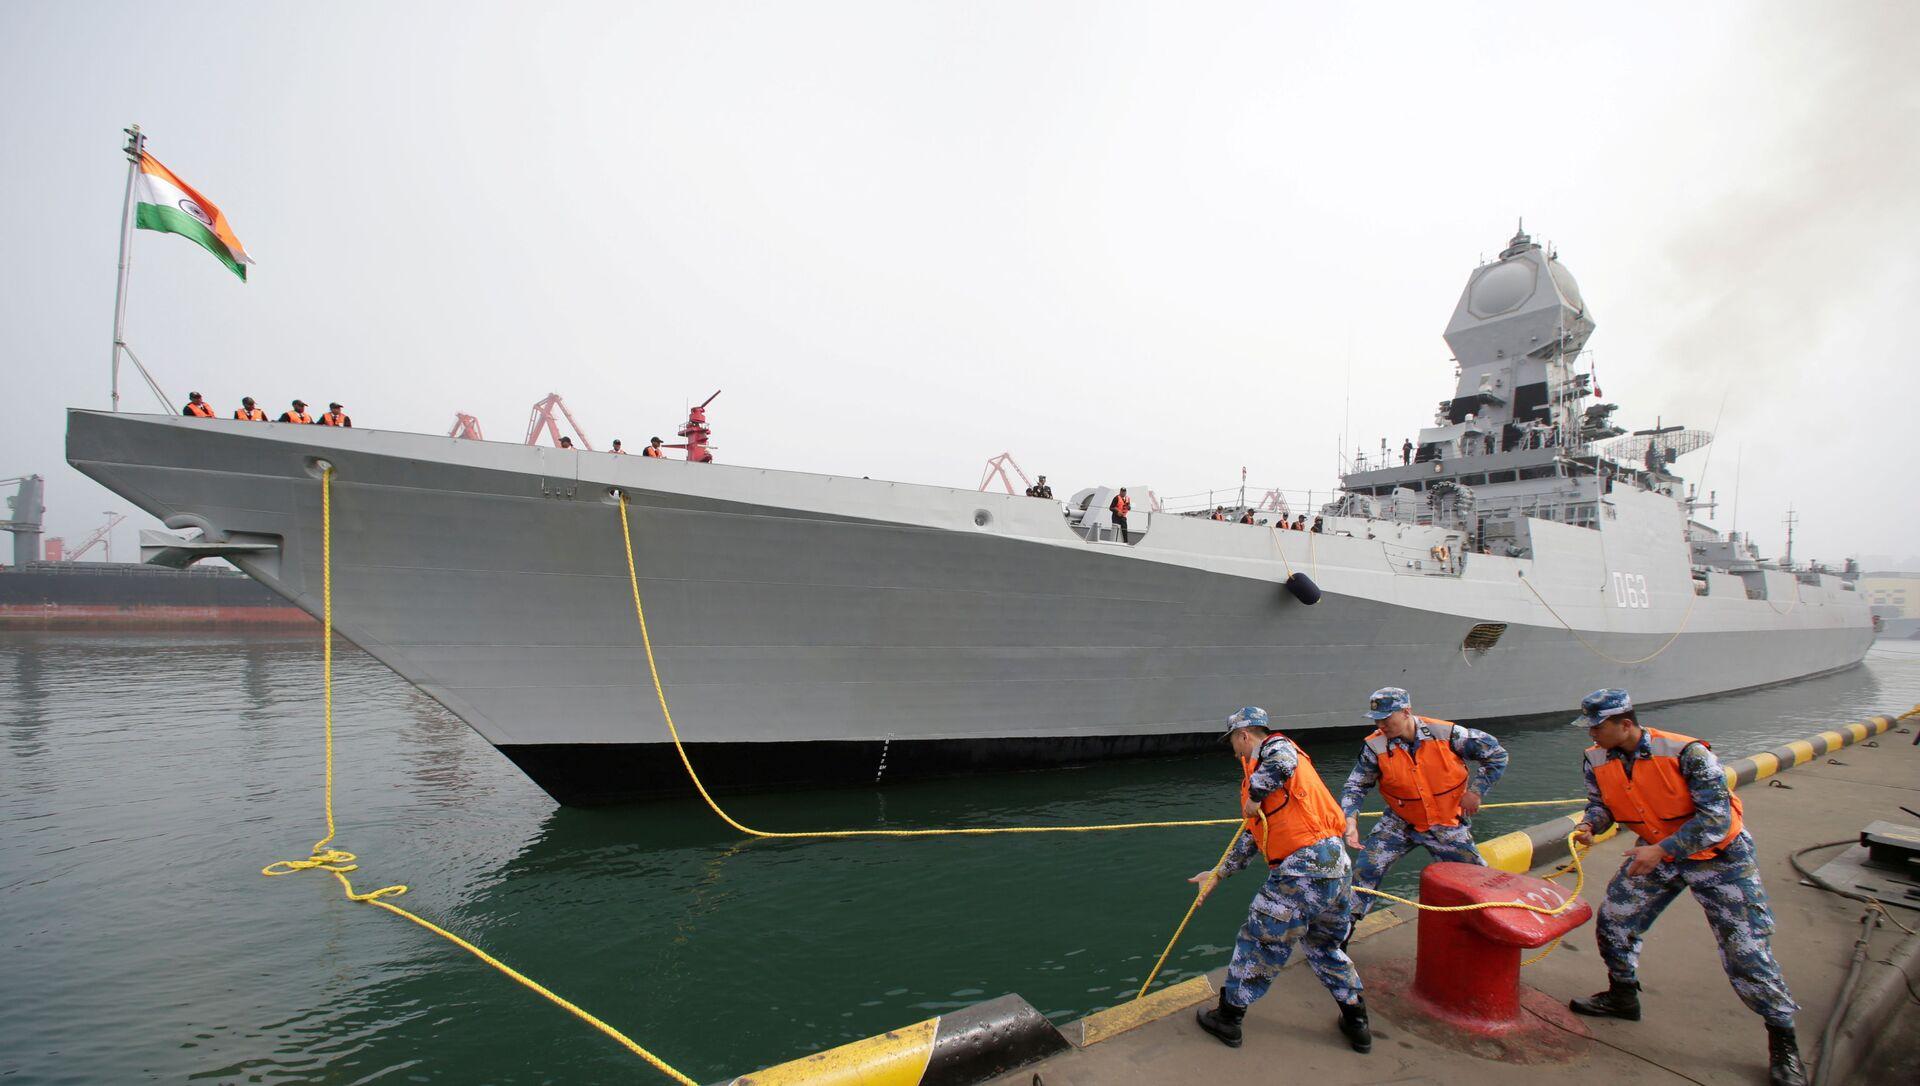 2019'da Çin Halk Kurtuluş Ordusu Donanması'nın kuruluşunun 70. yıldönümü törenlerine katılmak için Qingdao limanına demirleyen Hindistan savaş gemisi INS Kolkata  - Sputnik Türkiye, 1920, 04.08.2021